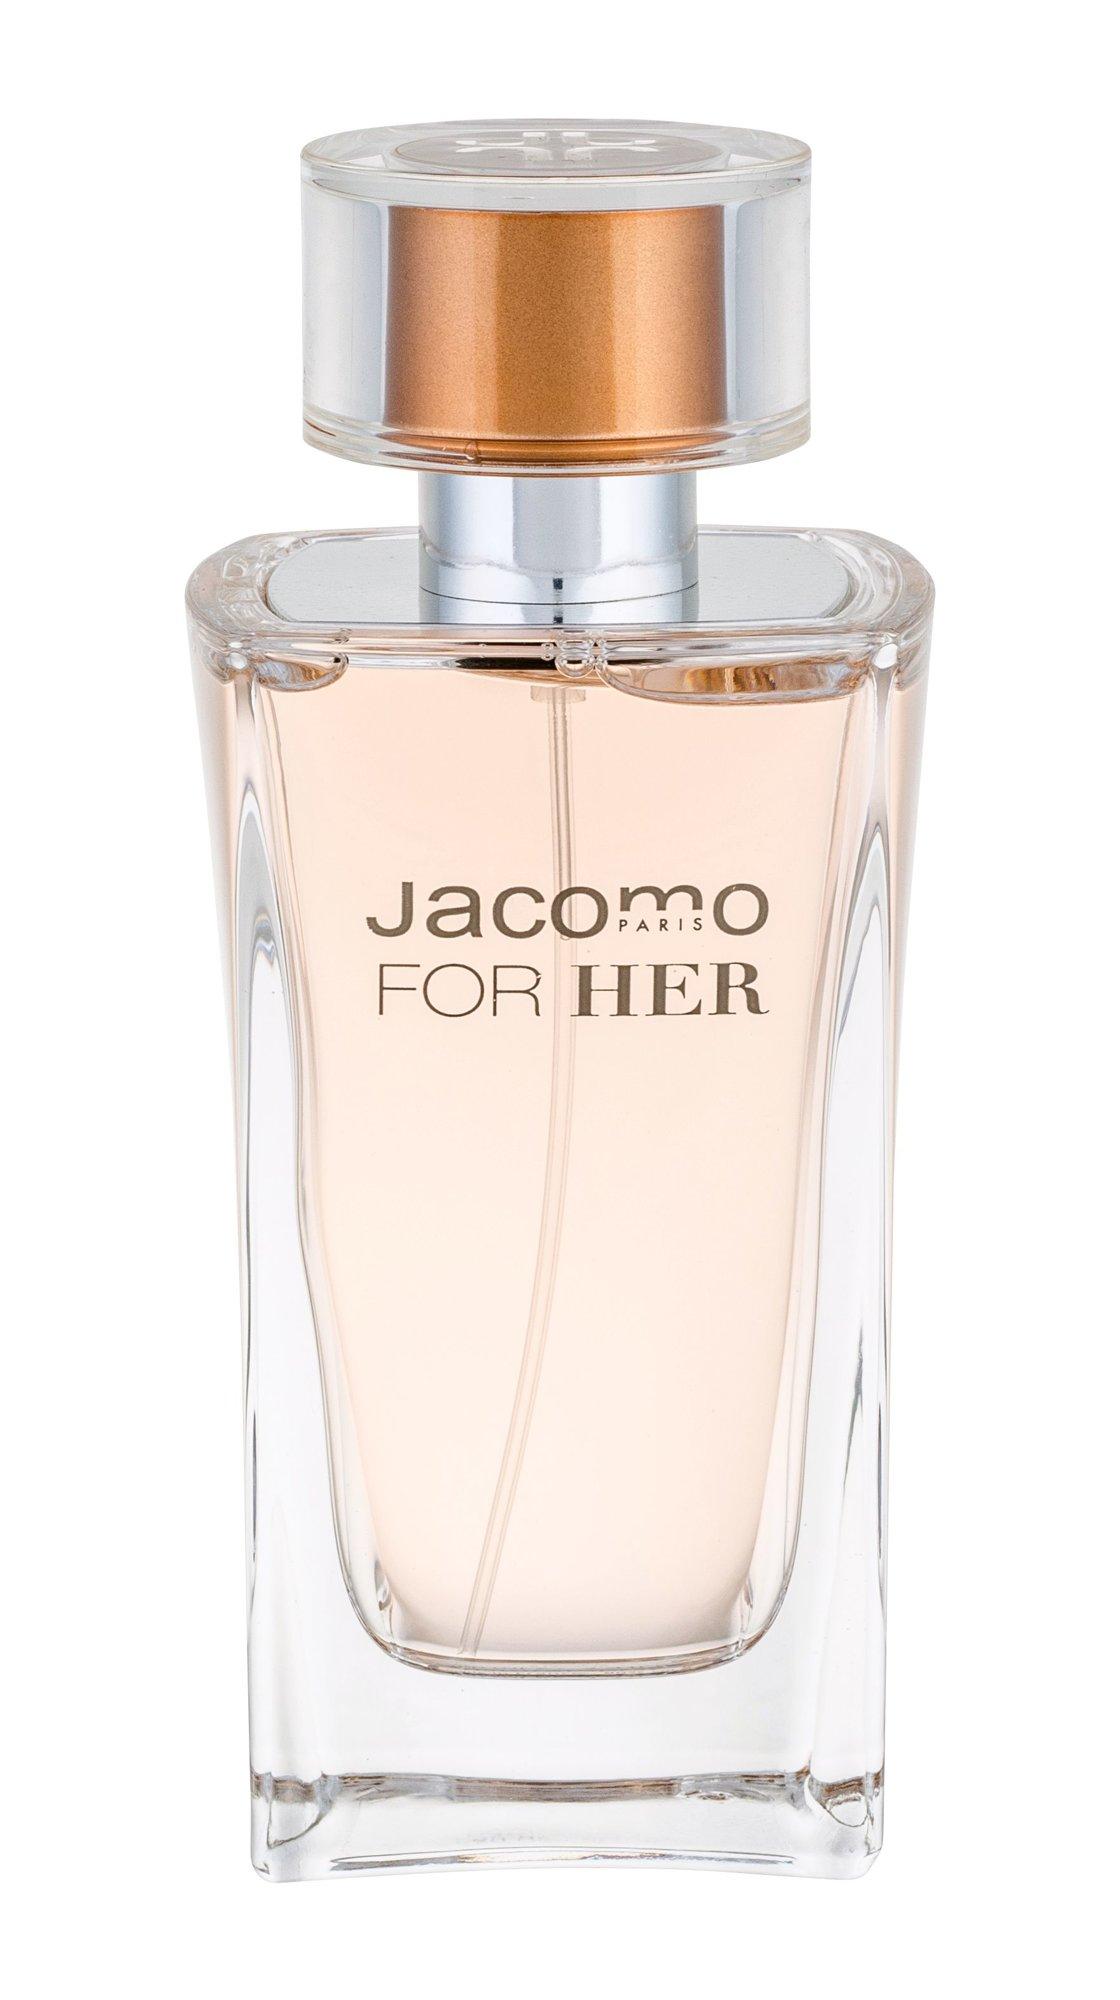 Jacomo Jacomo For Her Eau de Parfum 100ml